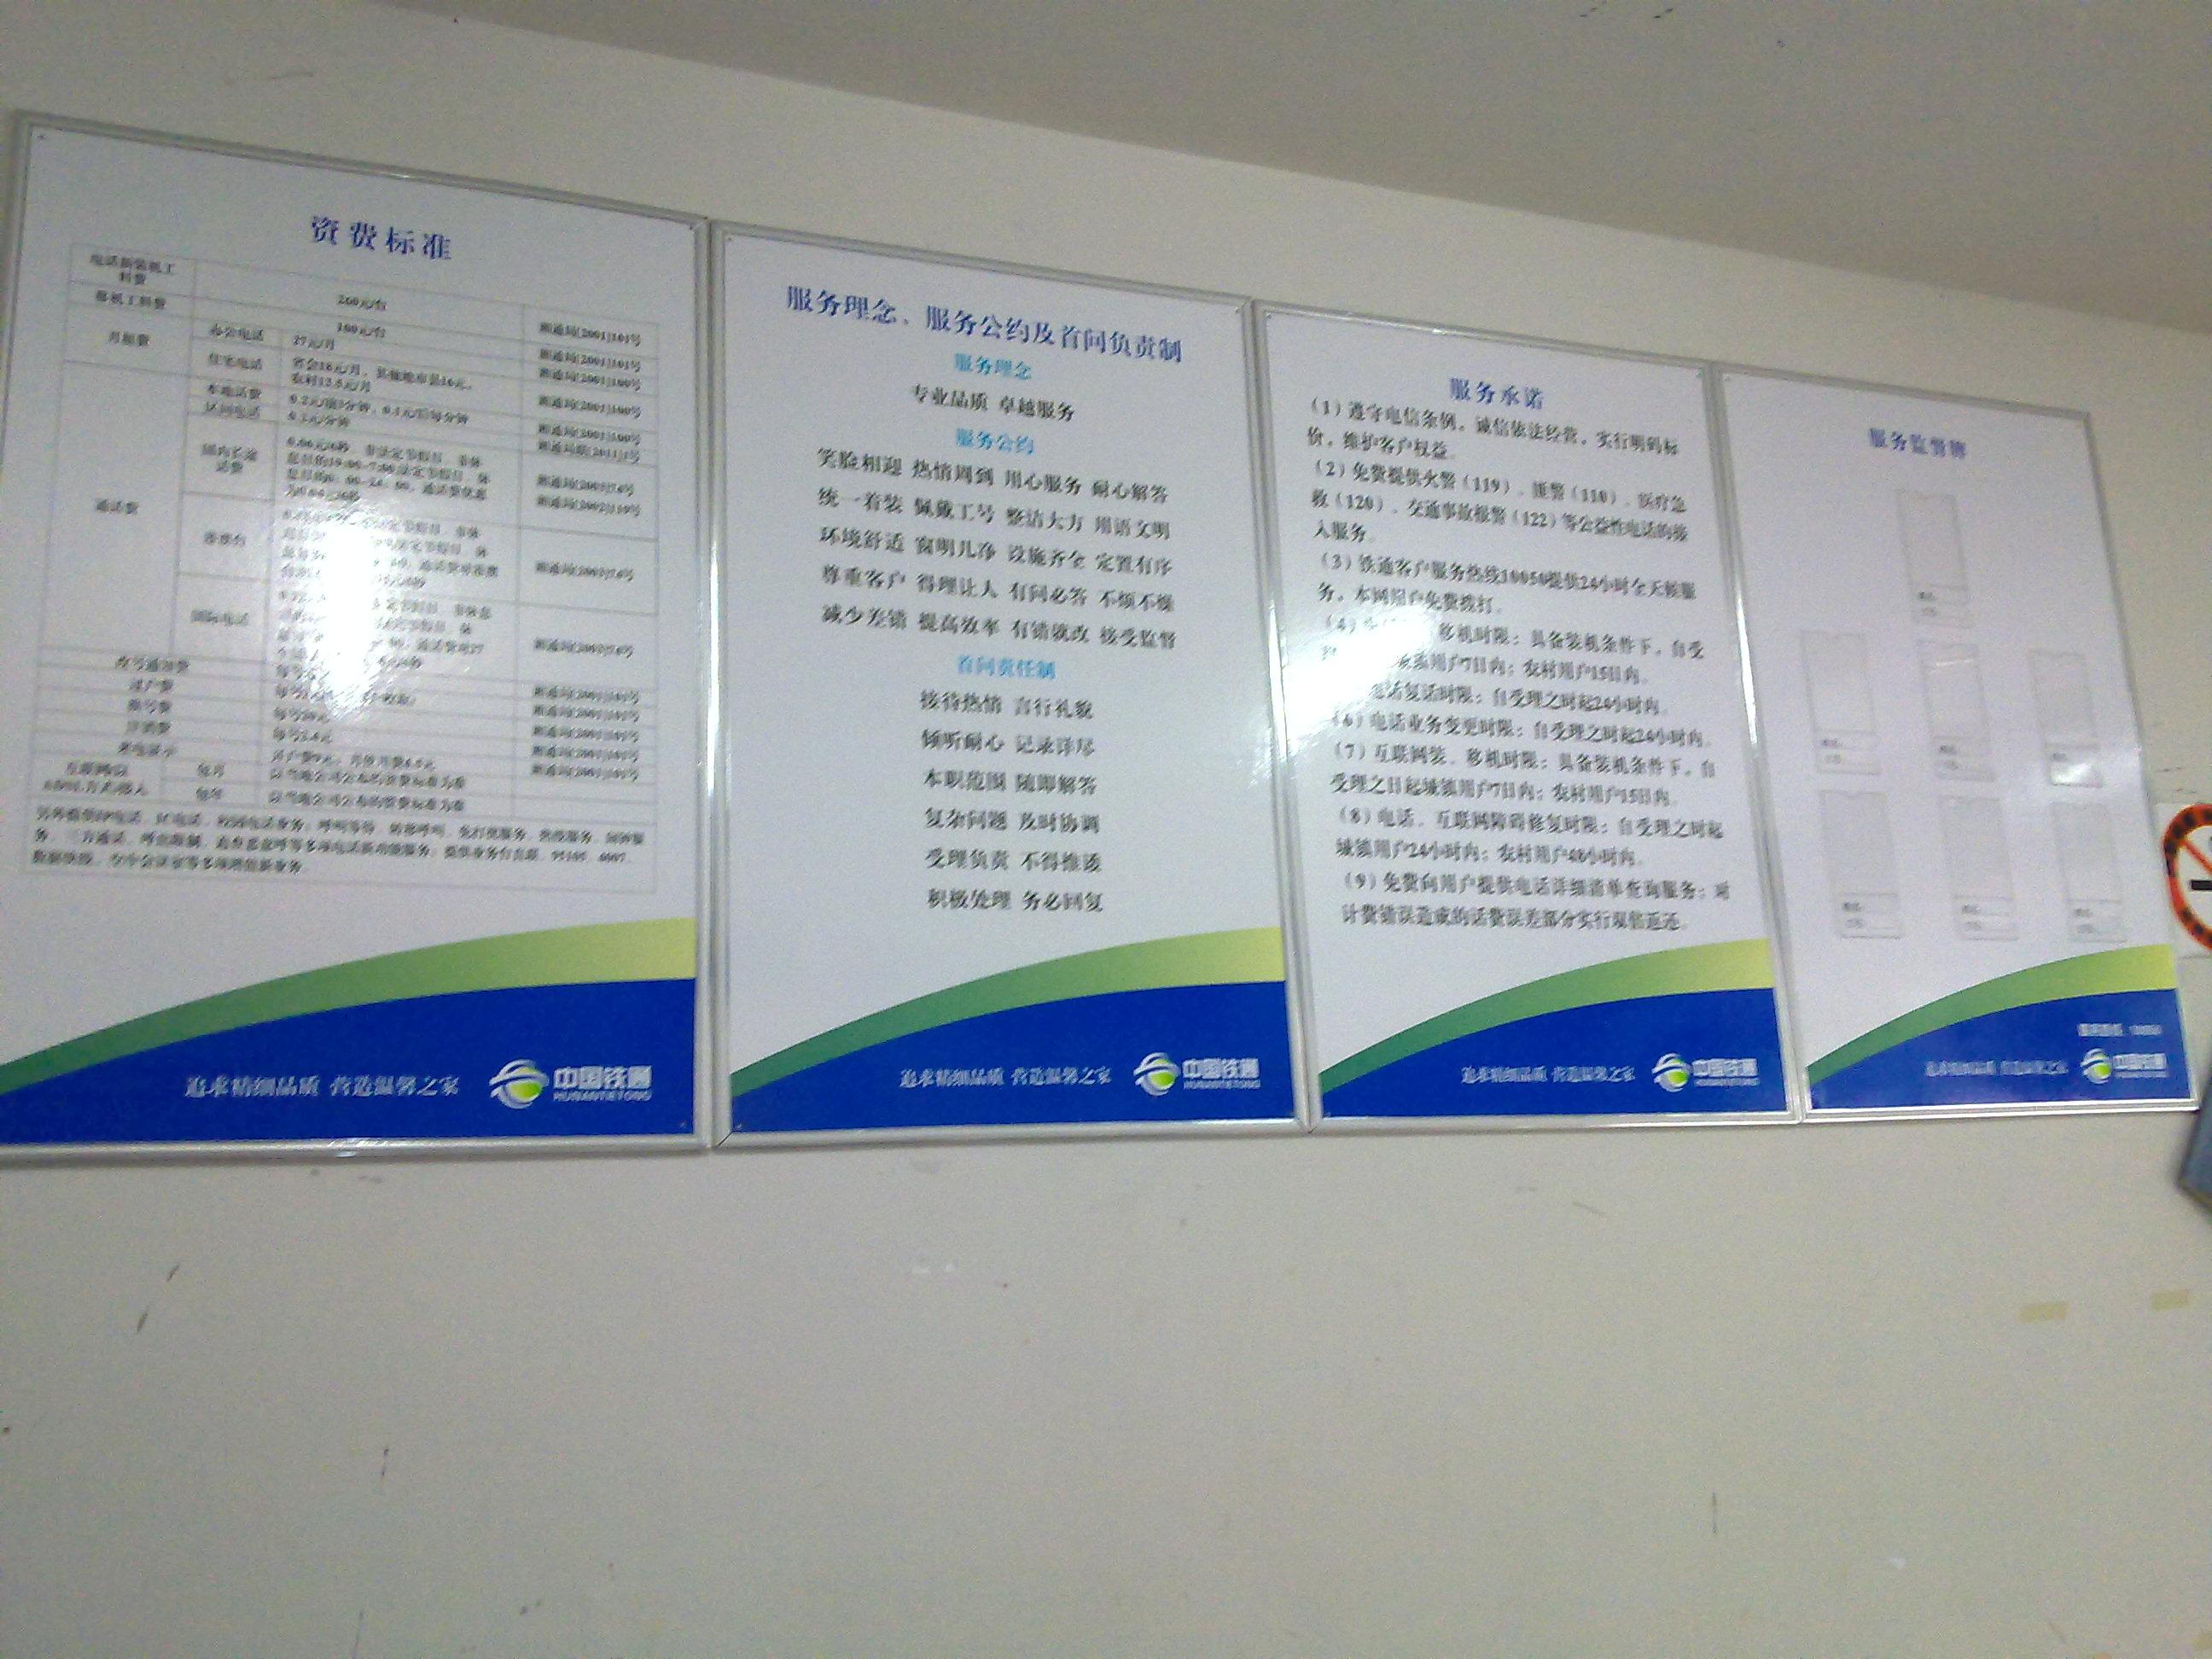 铁通_长沙铁通规范服务标准 亮化窗口形象